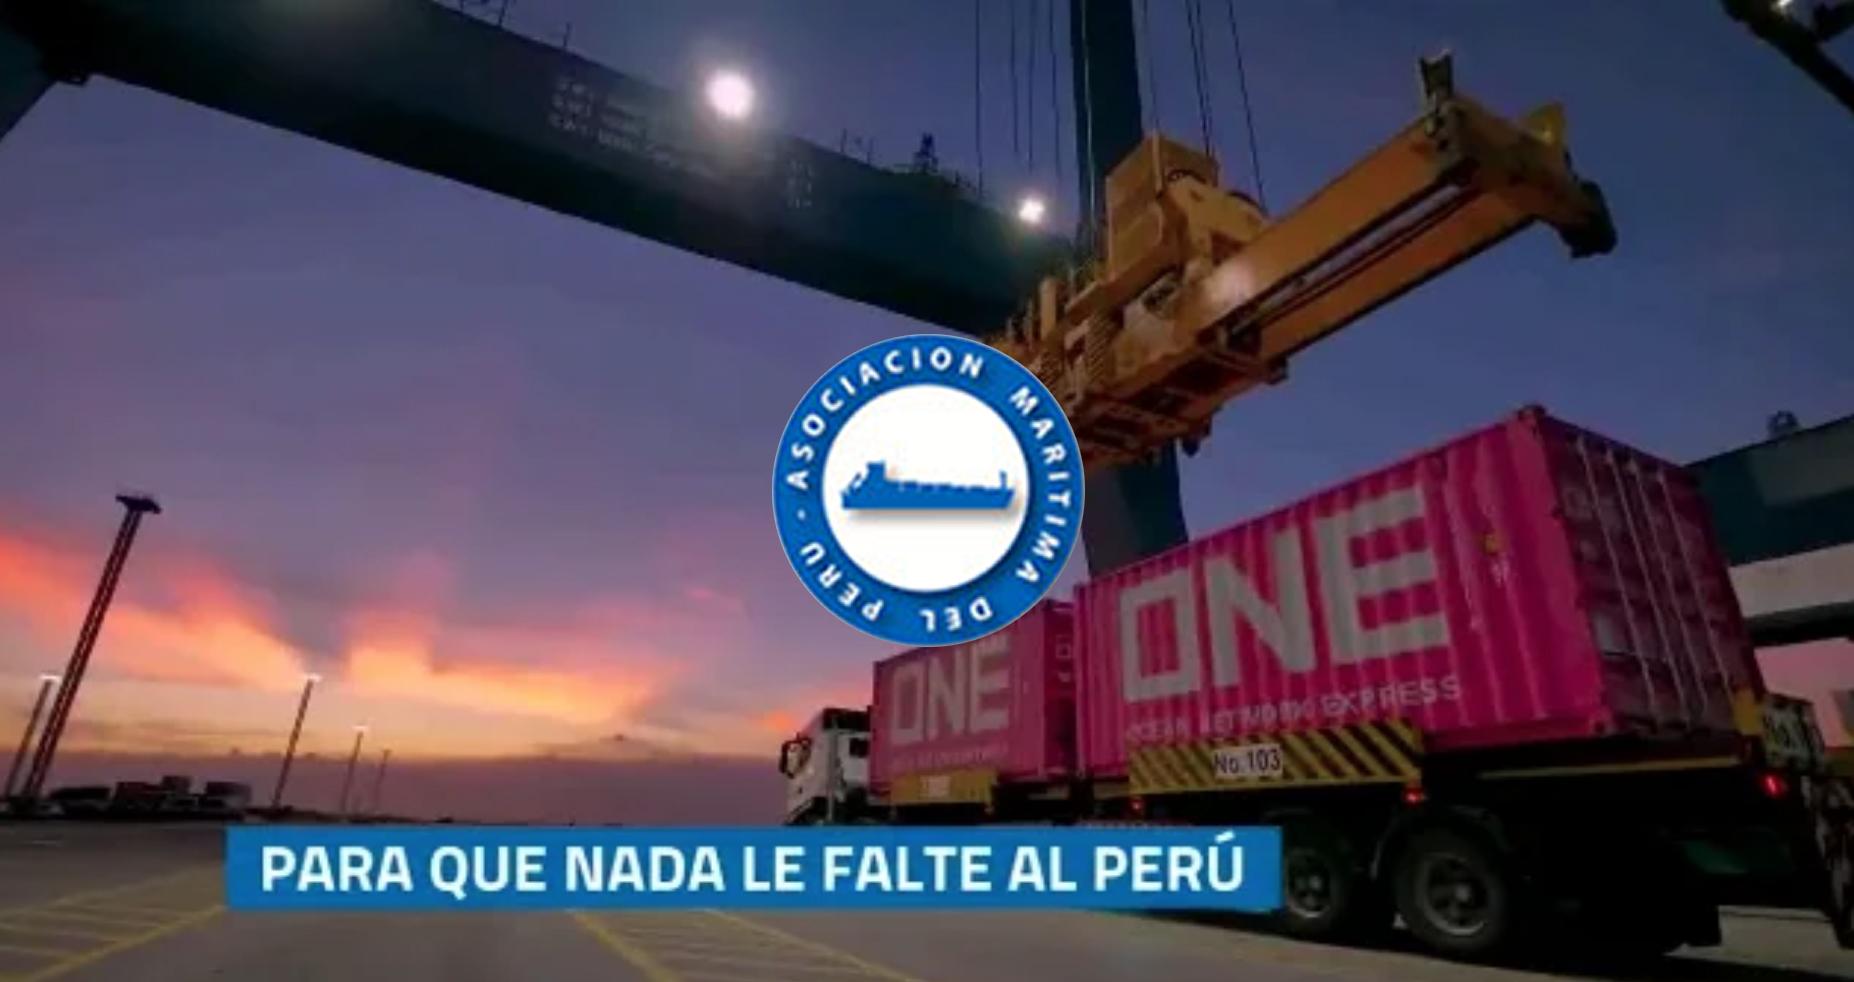 EL SECTOR PORTUARIO NO SE DETIENE